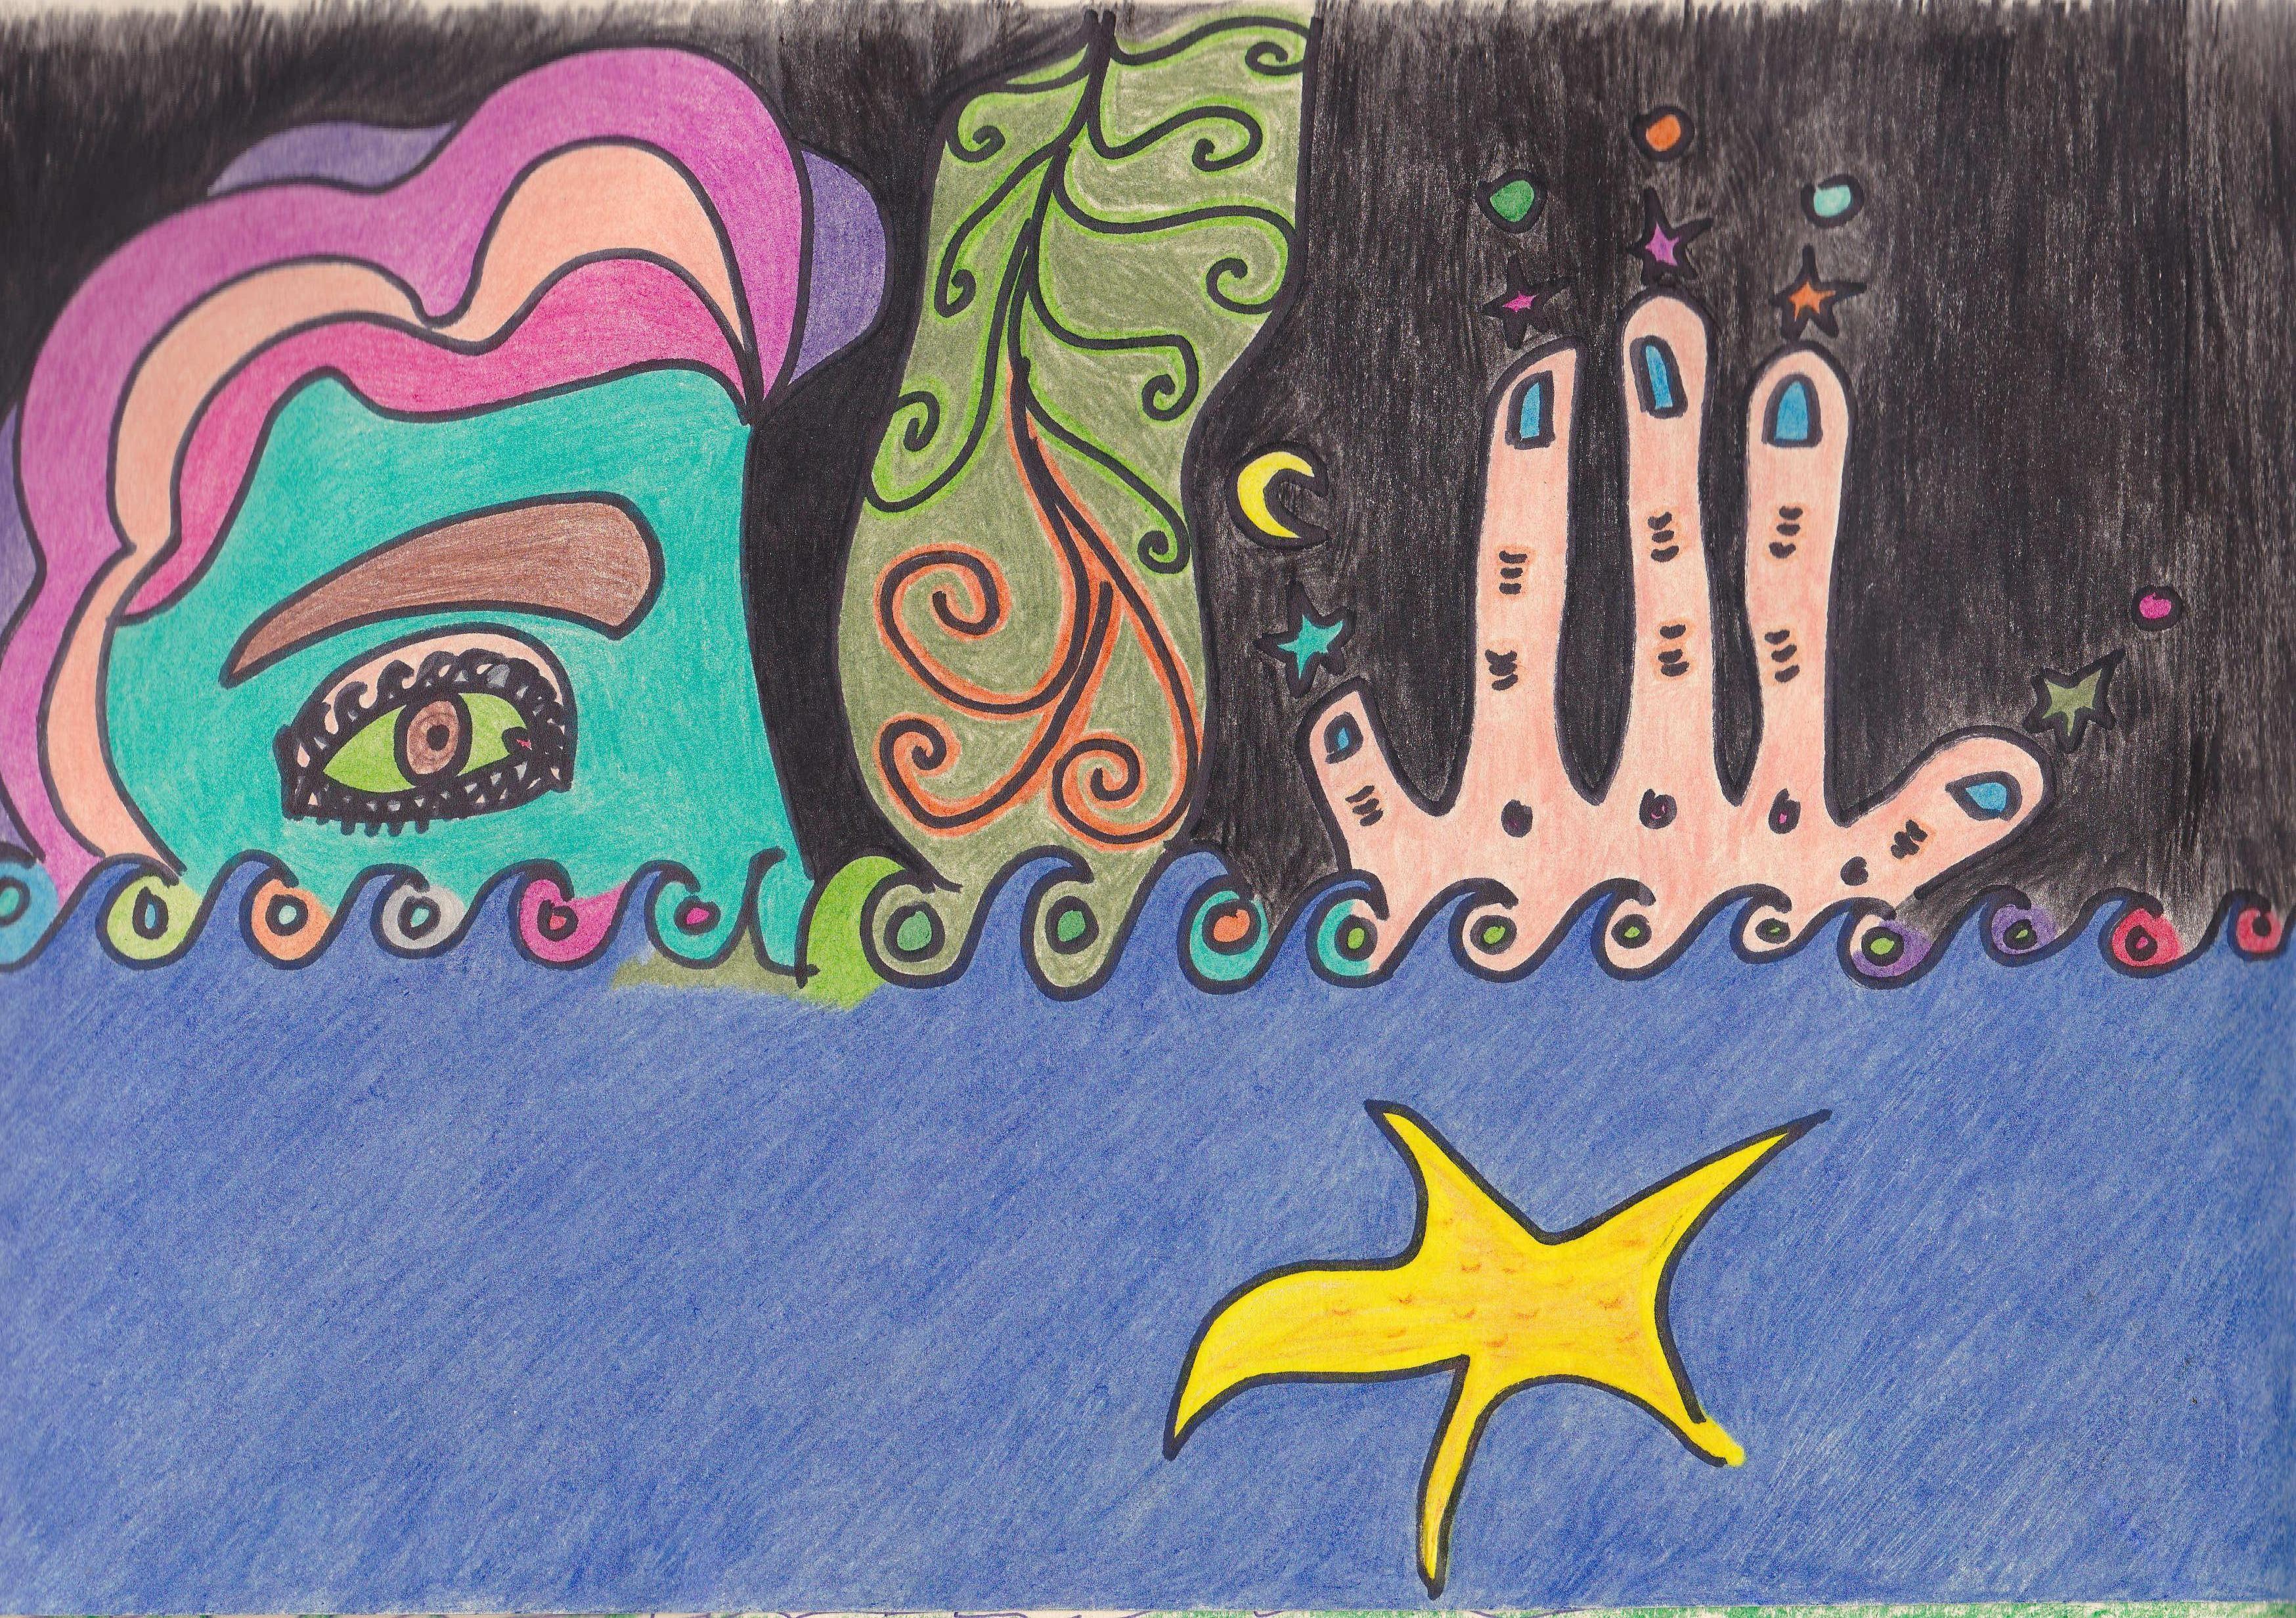 Playa consciente inconsciente   My Drawings, My Art   Pinterest   Playa